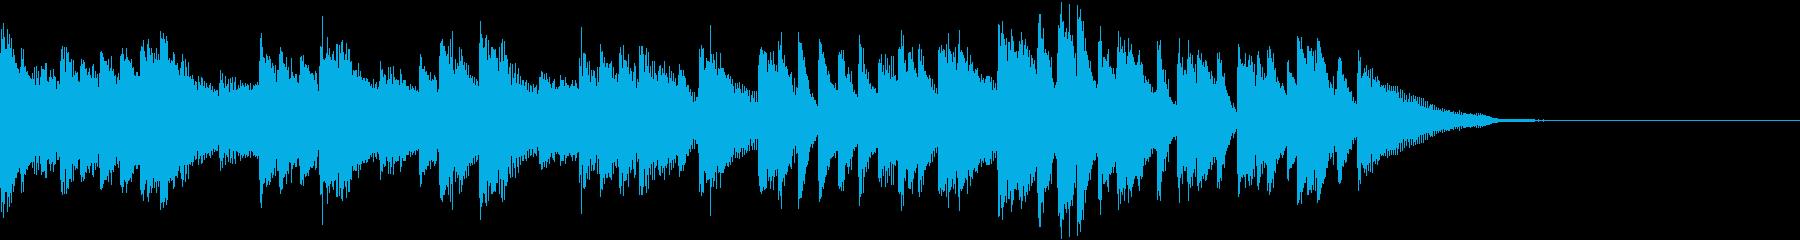 雄大な景色を描いた力強いピアノジングルの再生済みの波形